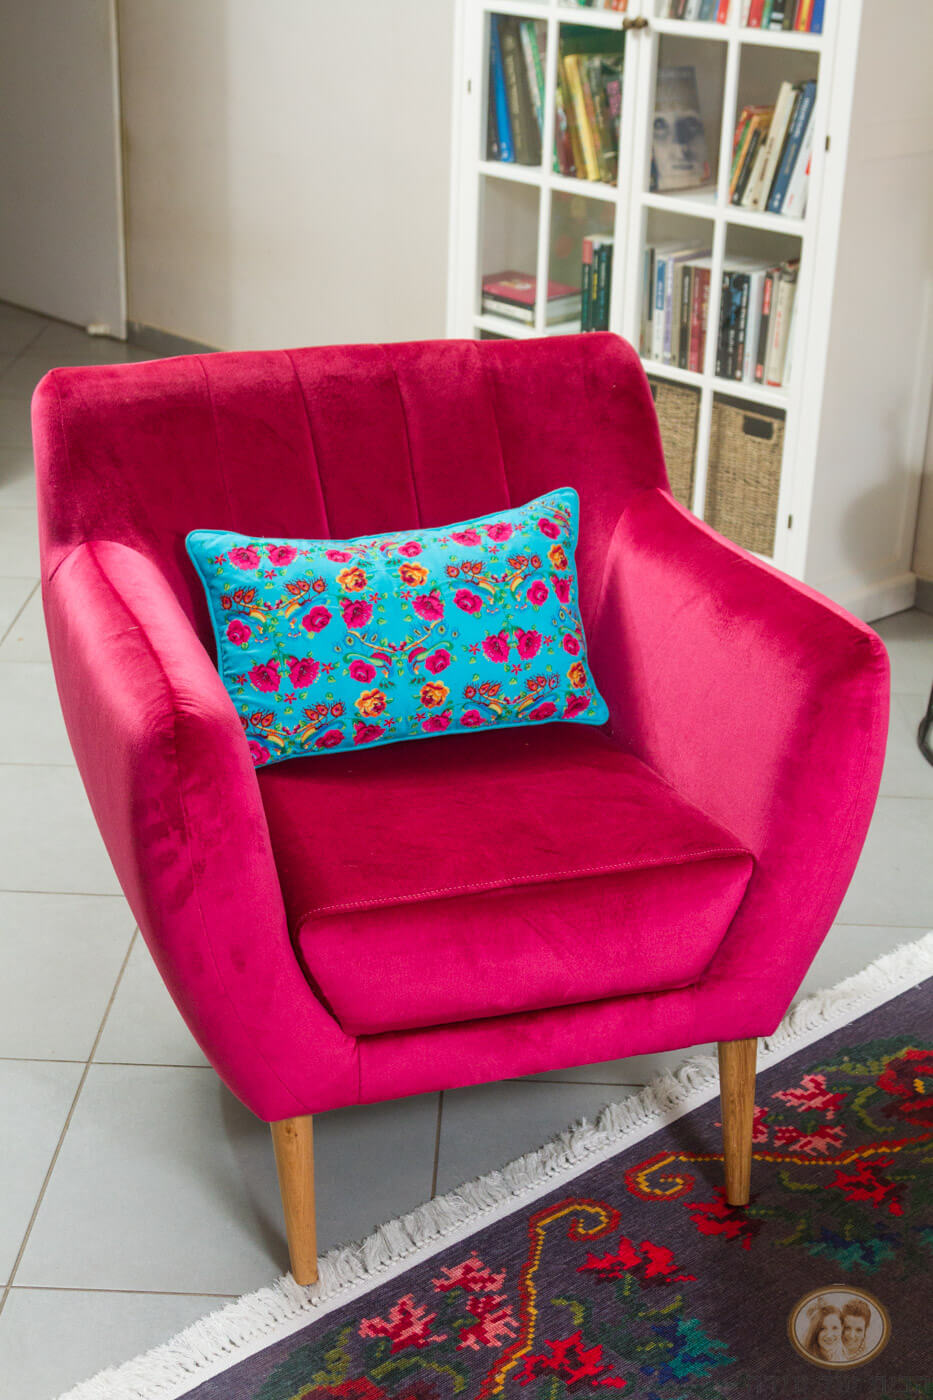 כורסא צבעונית לסלון